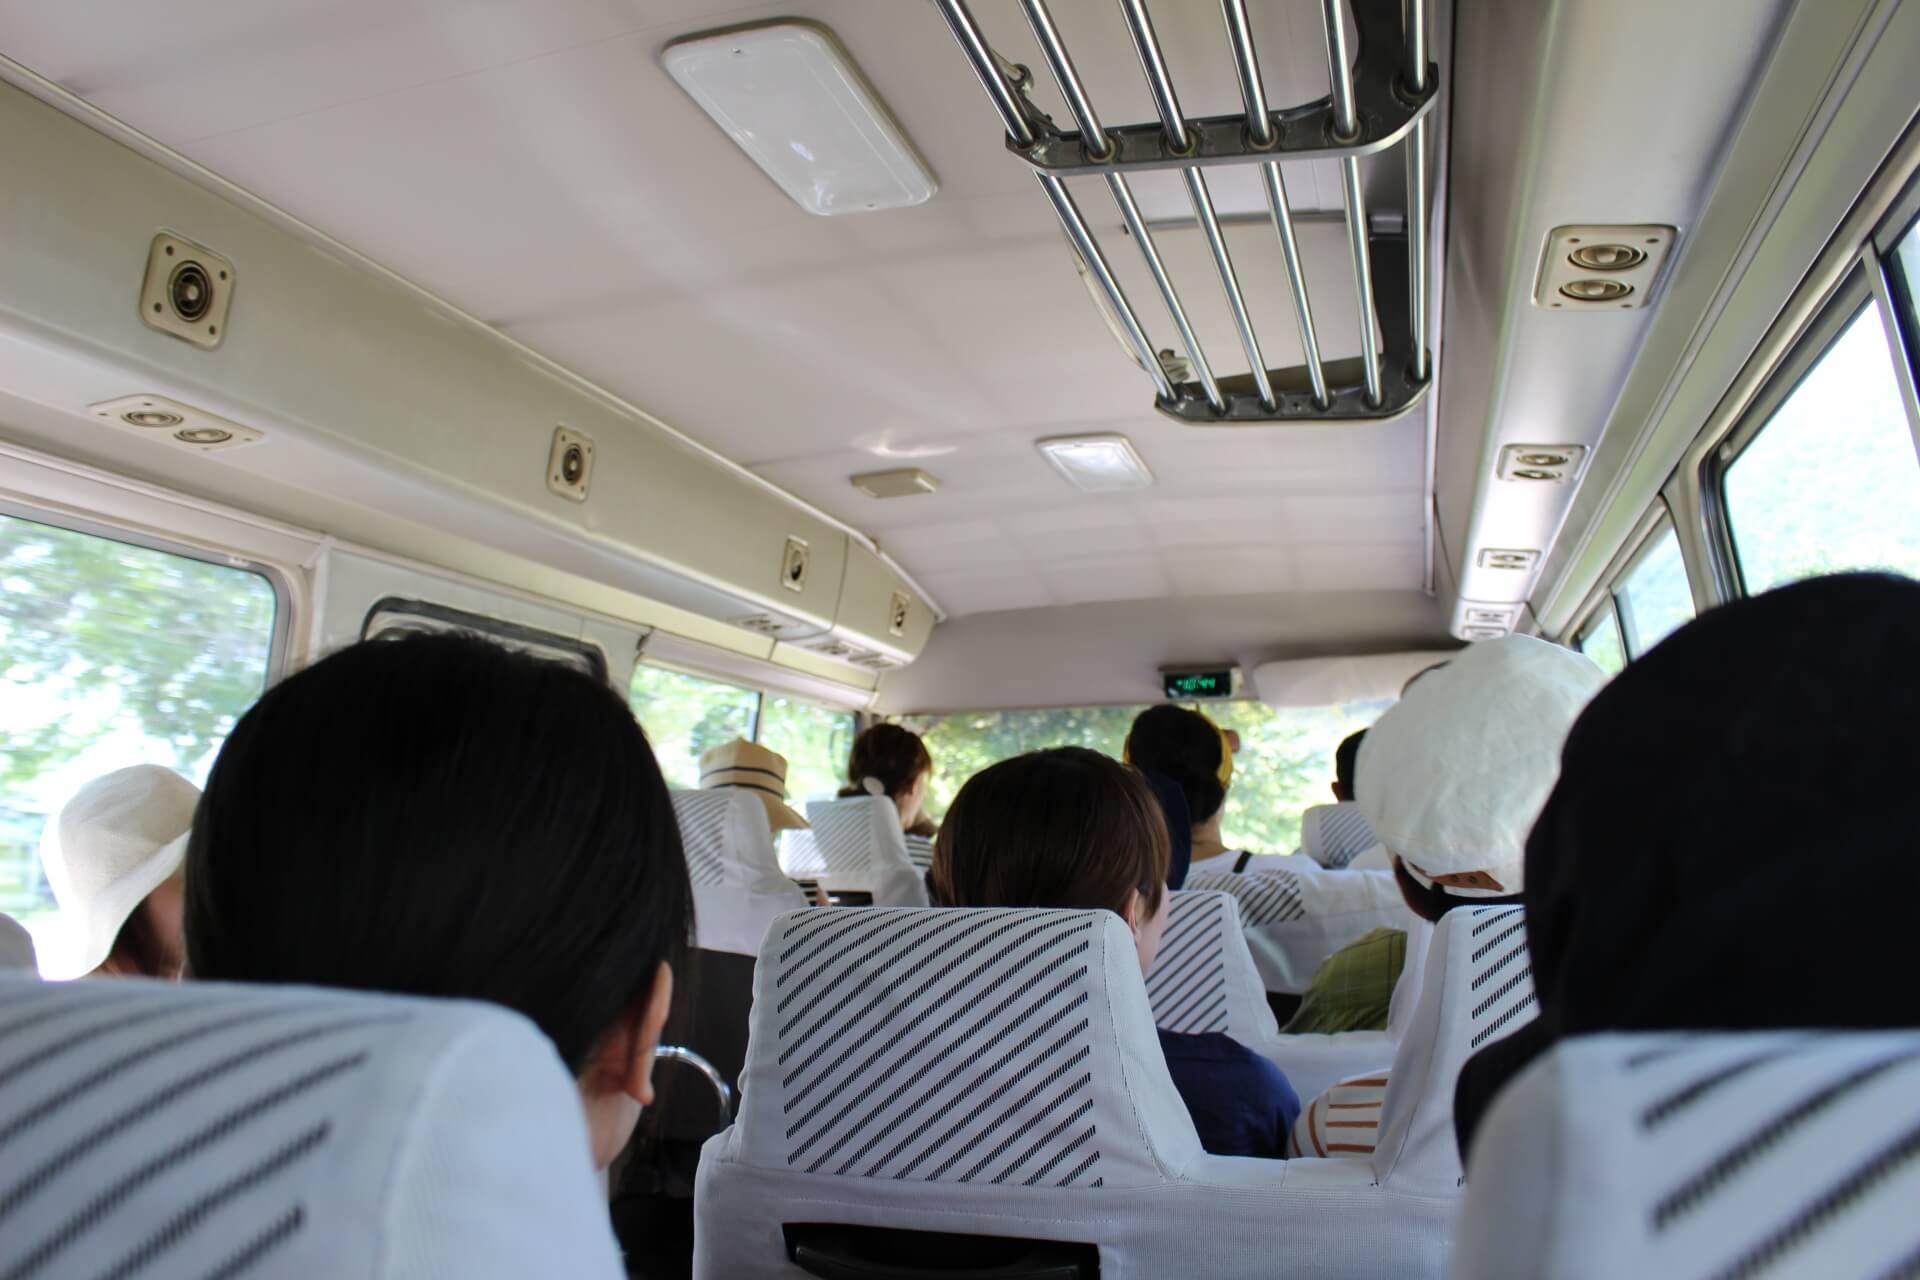 マイクロバスの貸切・レンタル利用の基礎知識